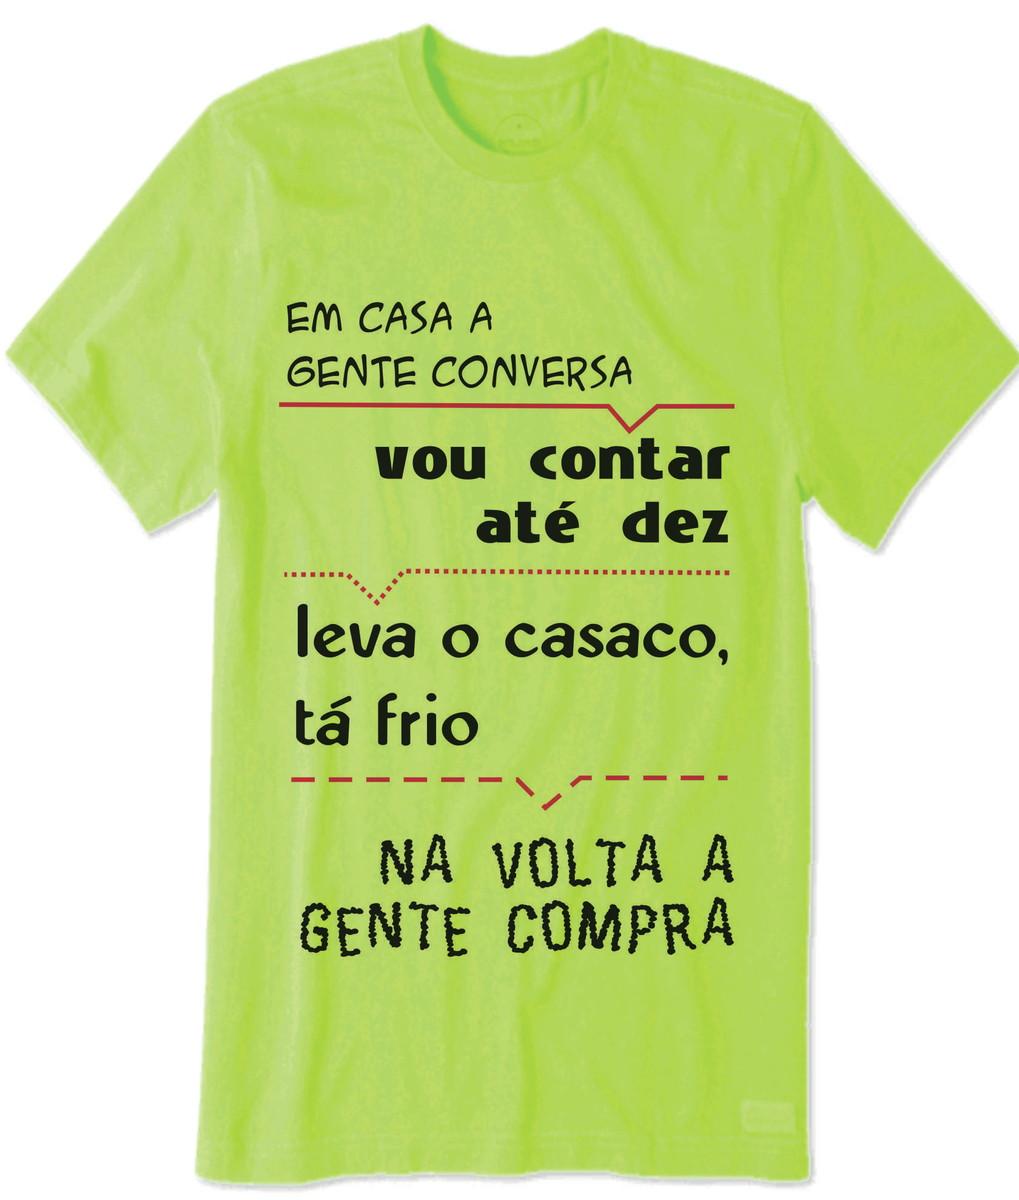 Camiseta De Frases Engraçadas Frases De Mãe